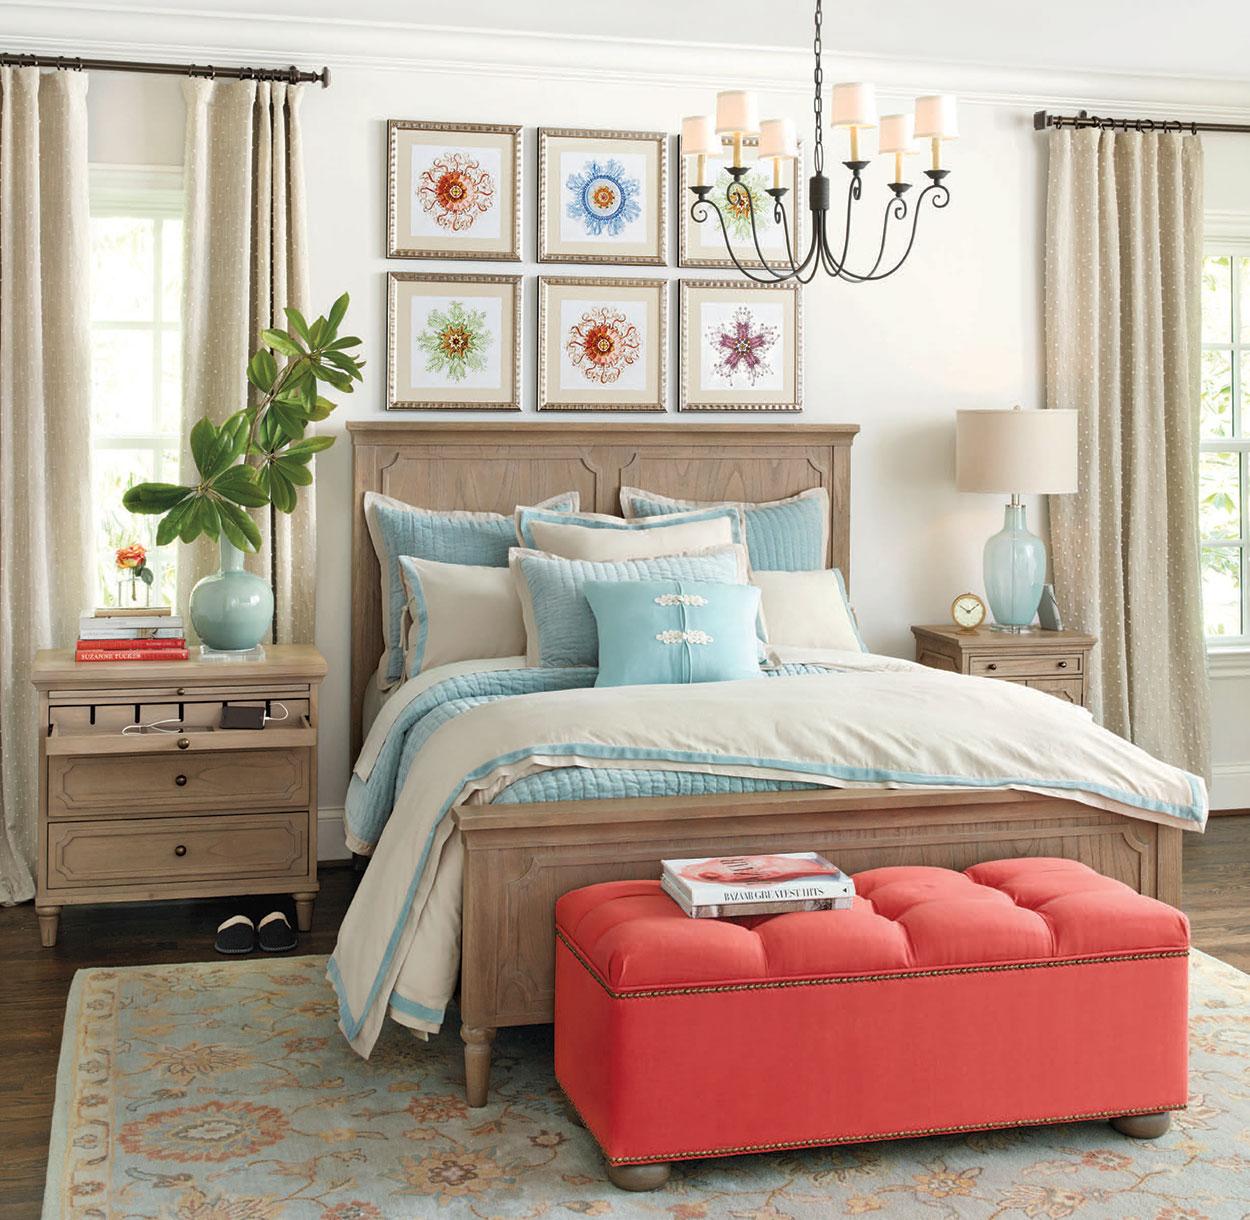 M s de 40 encantadores y c modos dormitorios web de la casa - Tendencias y decoracion ...